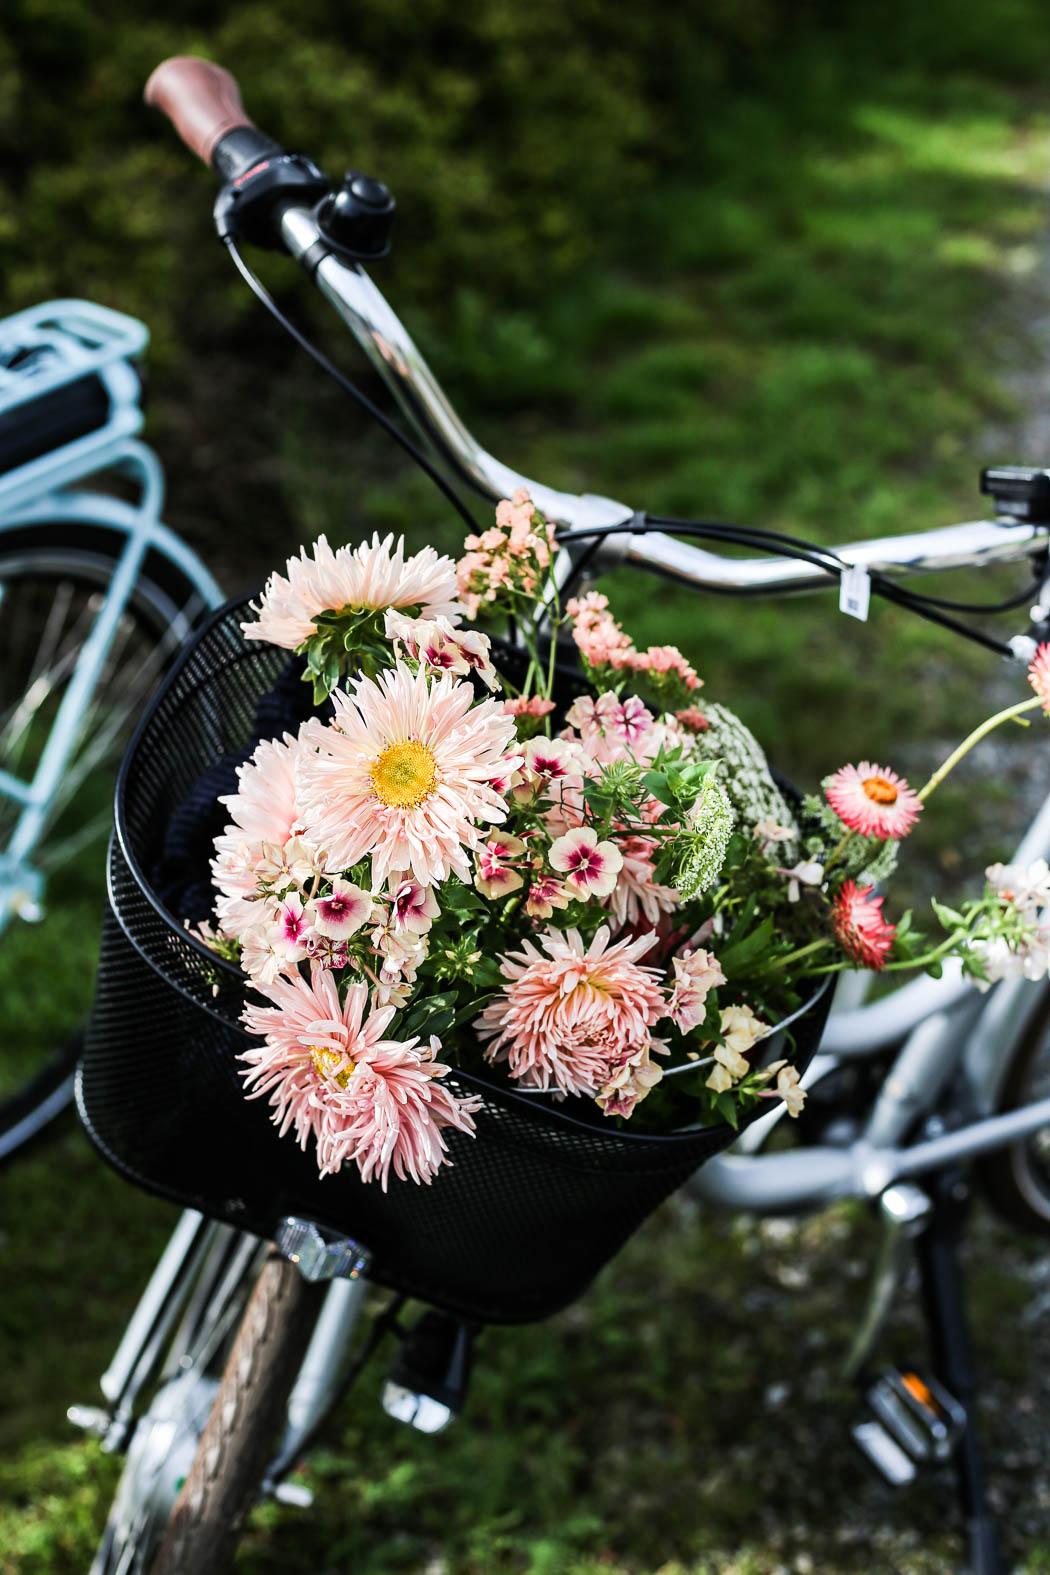 Att cykla Kattegattleden med cykelkorgen full med blommor, det är livet!